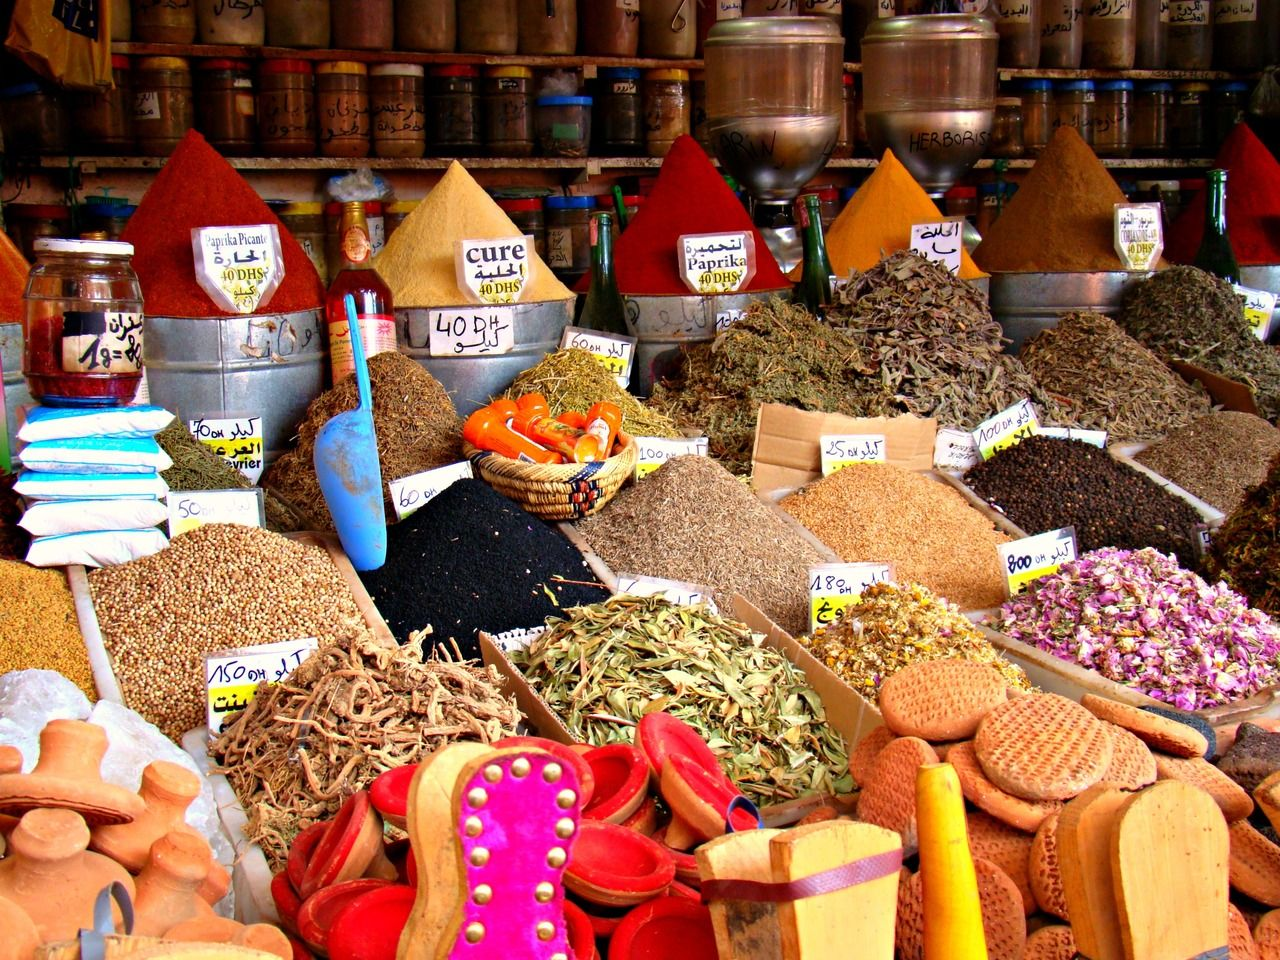 moroccan spice market 11831 | infovisual